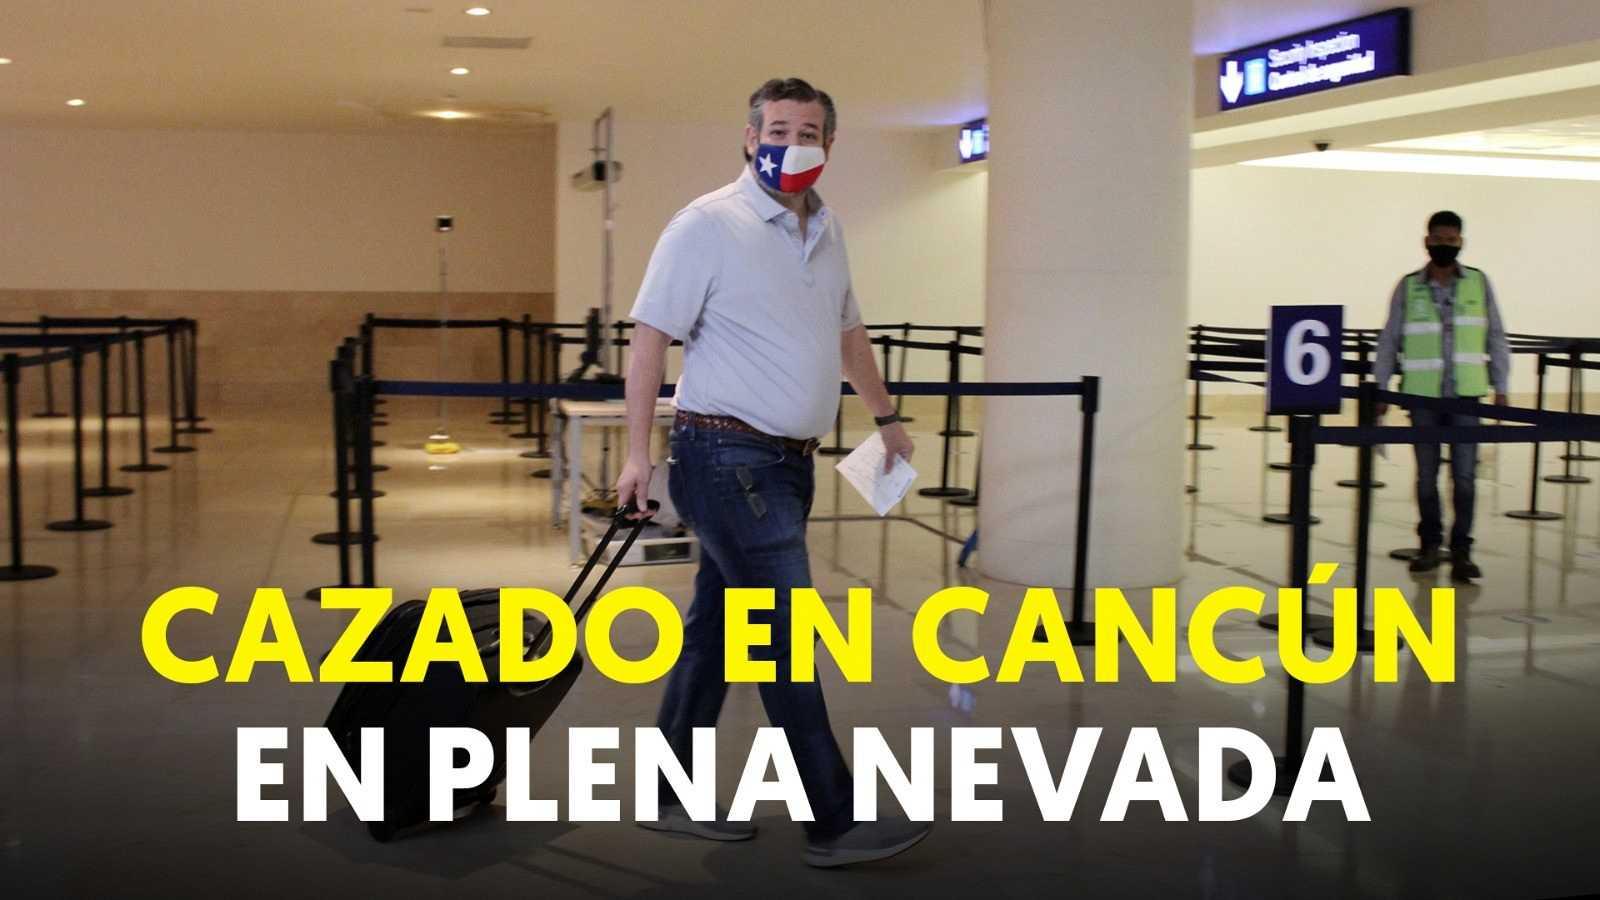 Ted Cruz, senador republicano por el estado de Texas, cazado en Cancún en plena nevada